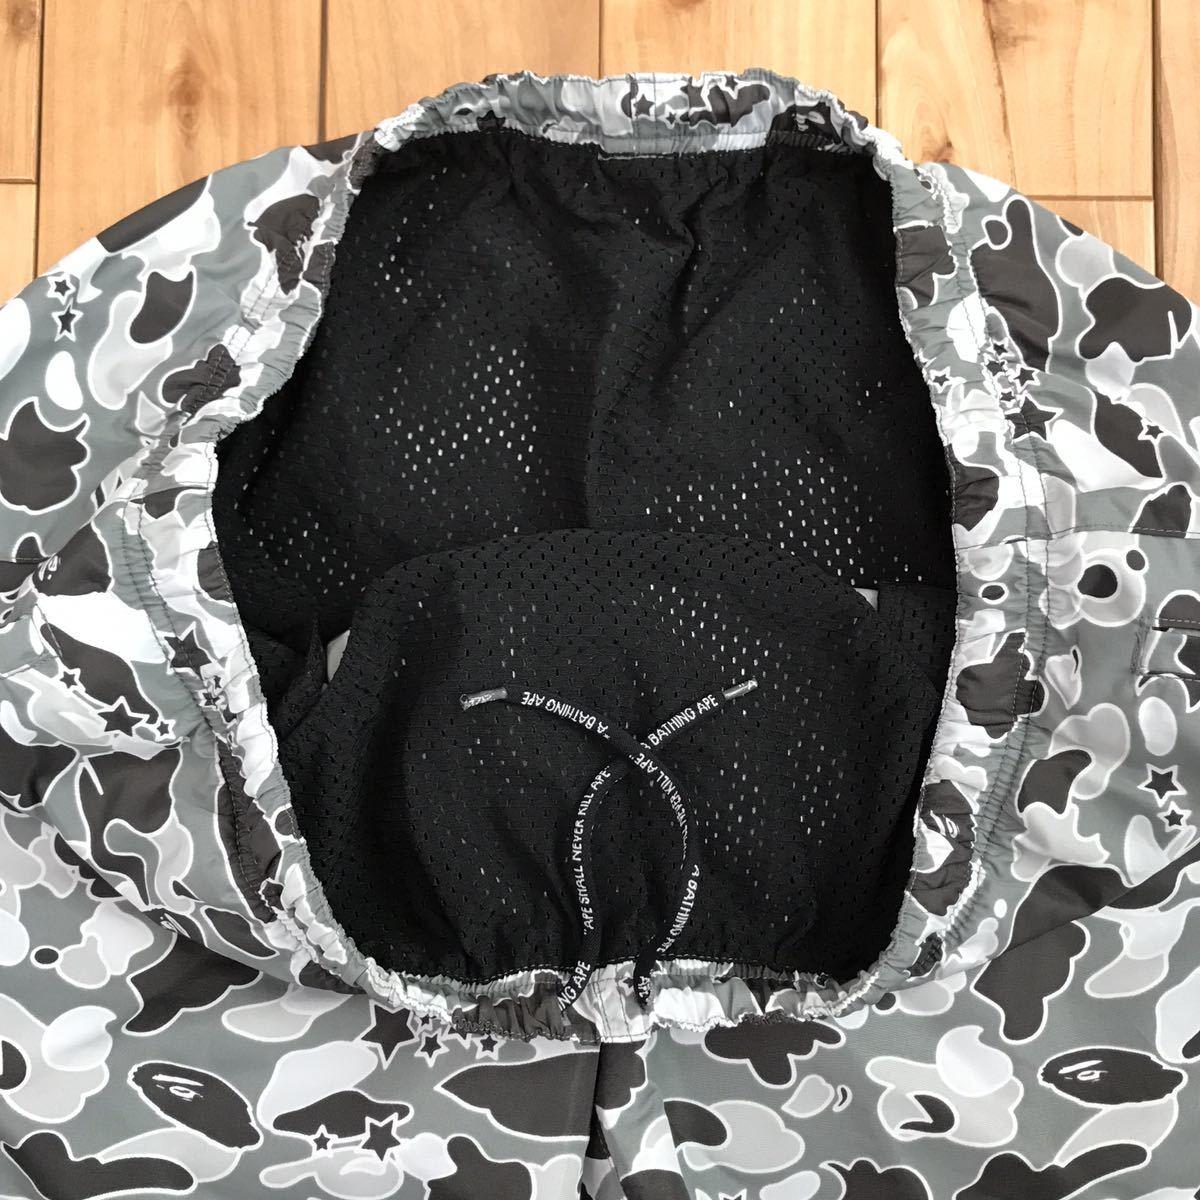 ★新品★ 初期 sta camo ハーフパンツ swim shorts XLサイズ a bathing ape BAPE 水着 エイプ ベイプ ショーツ 迷彩 psyche サイケカモ 523